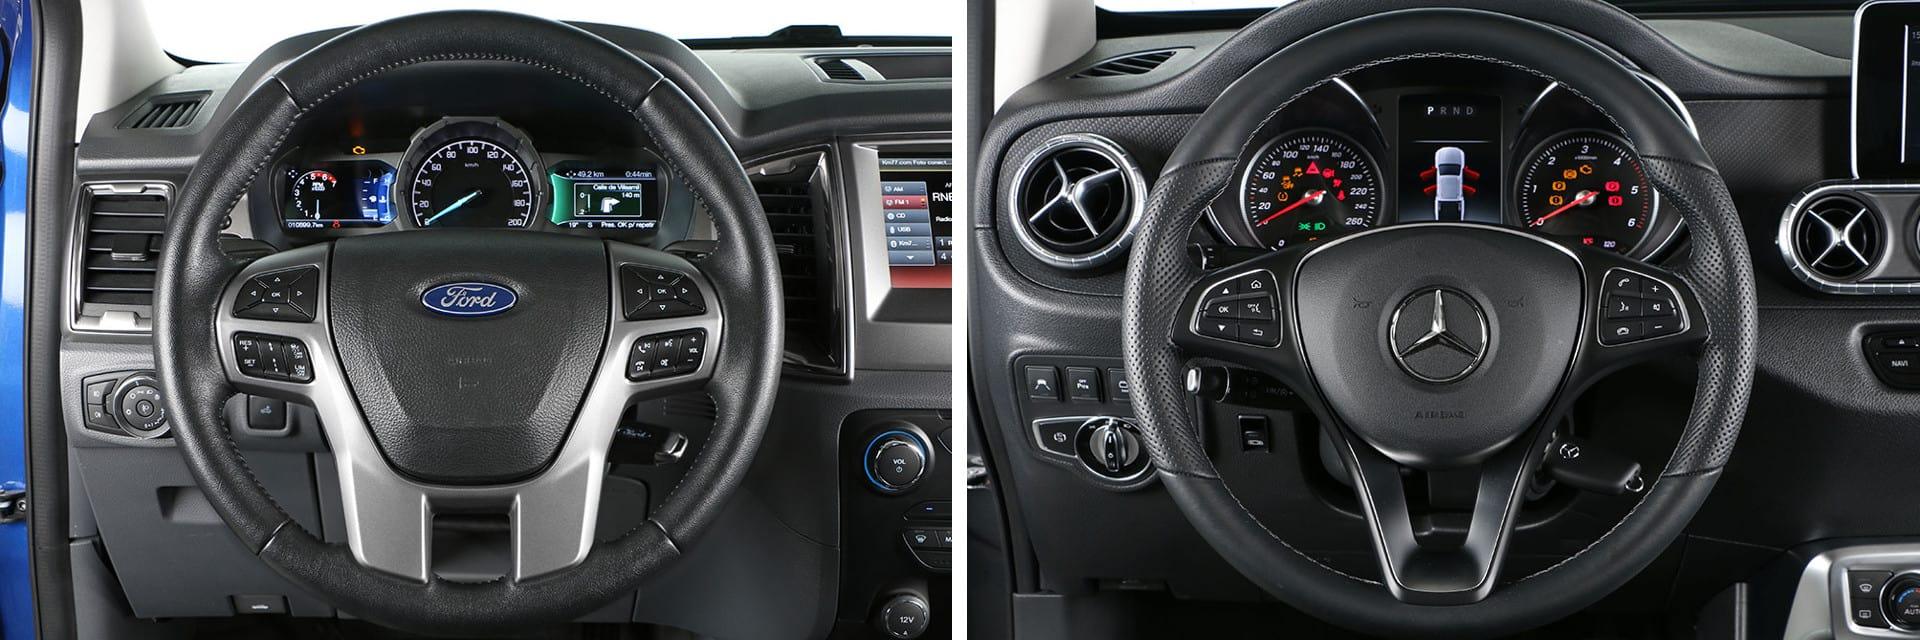 Ambos modelos cuentan con un volante con diseño de tres radios.